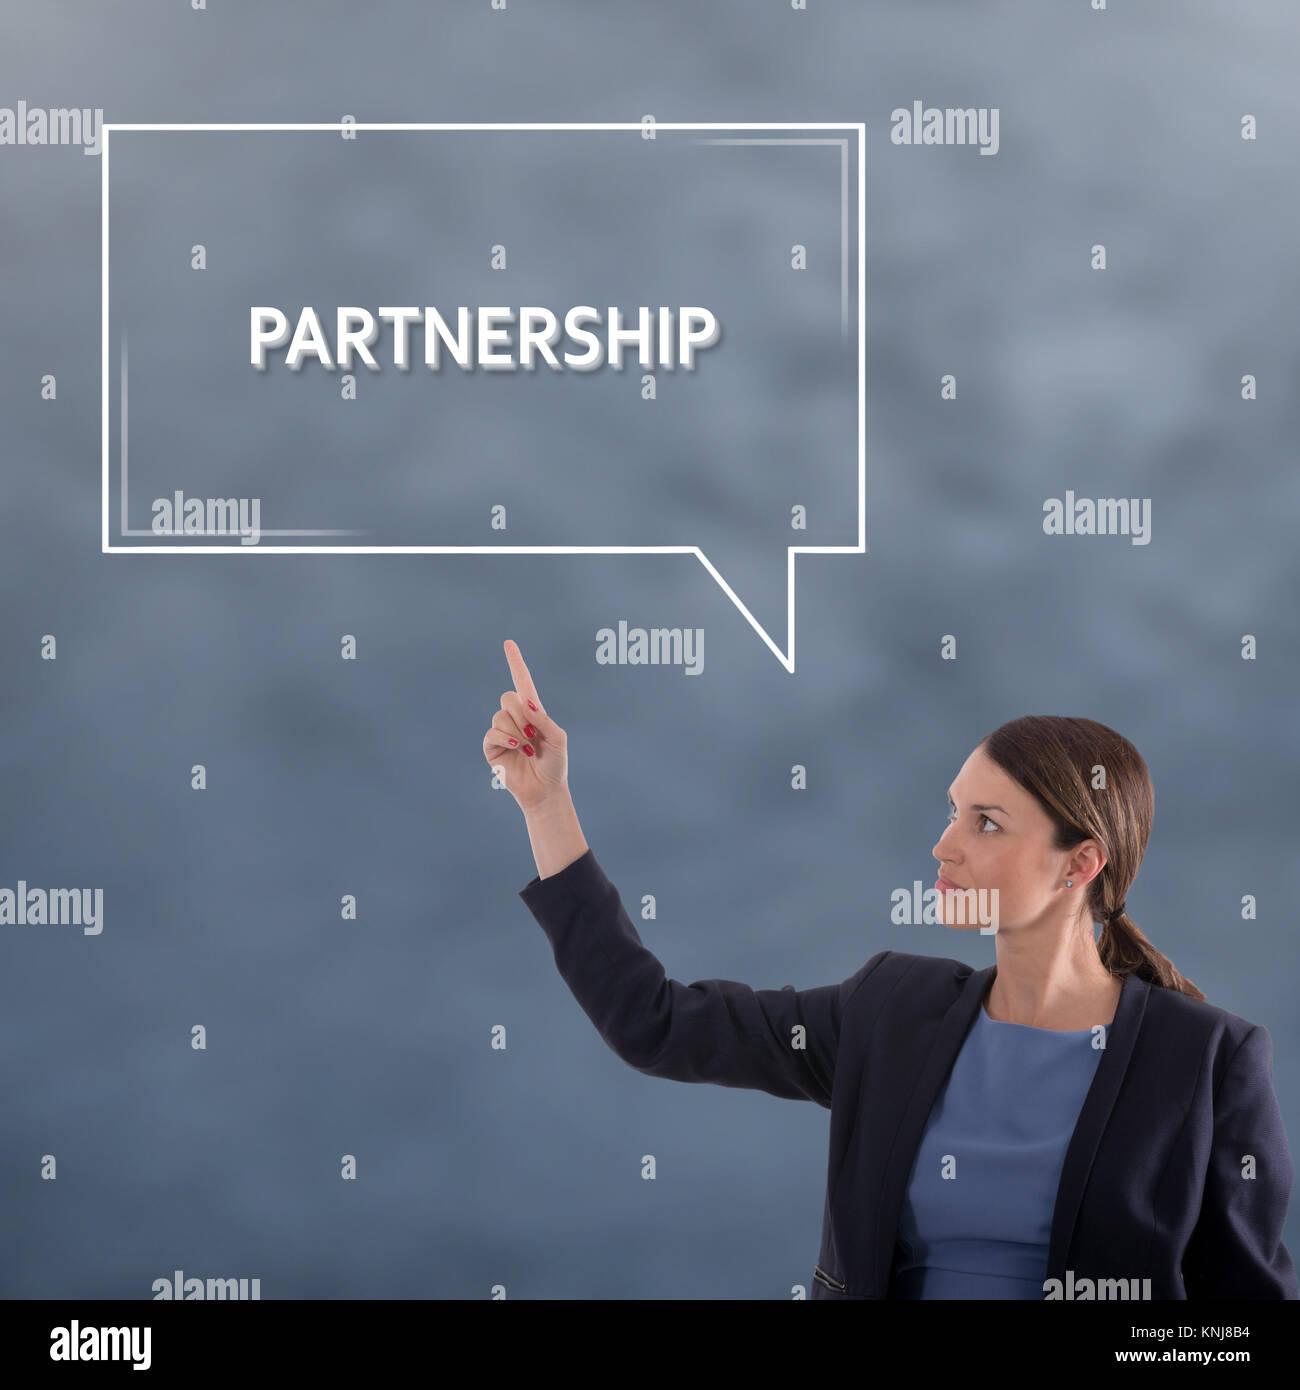 Partnerschaft Business Konzept. Business Woman grafisches Konzept Stockbild